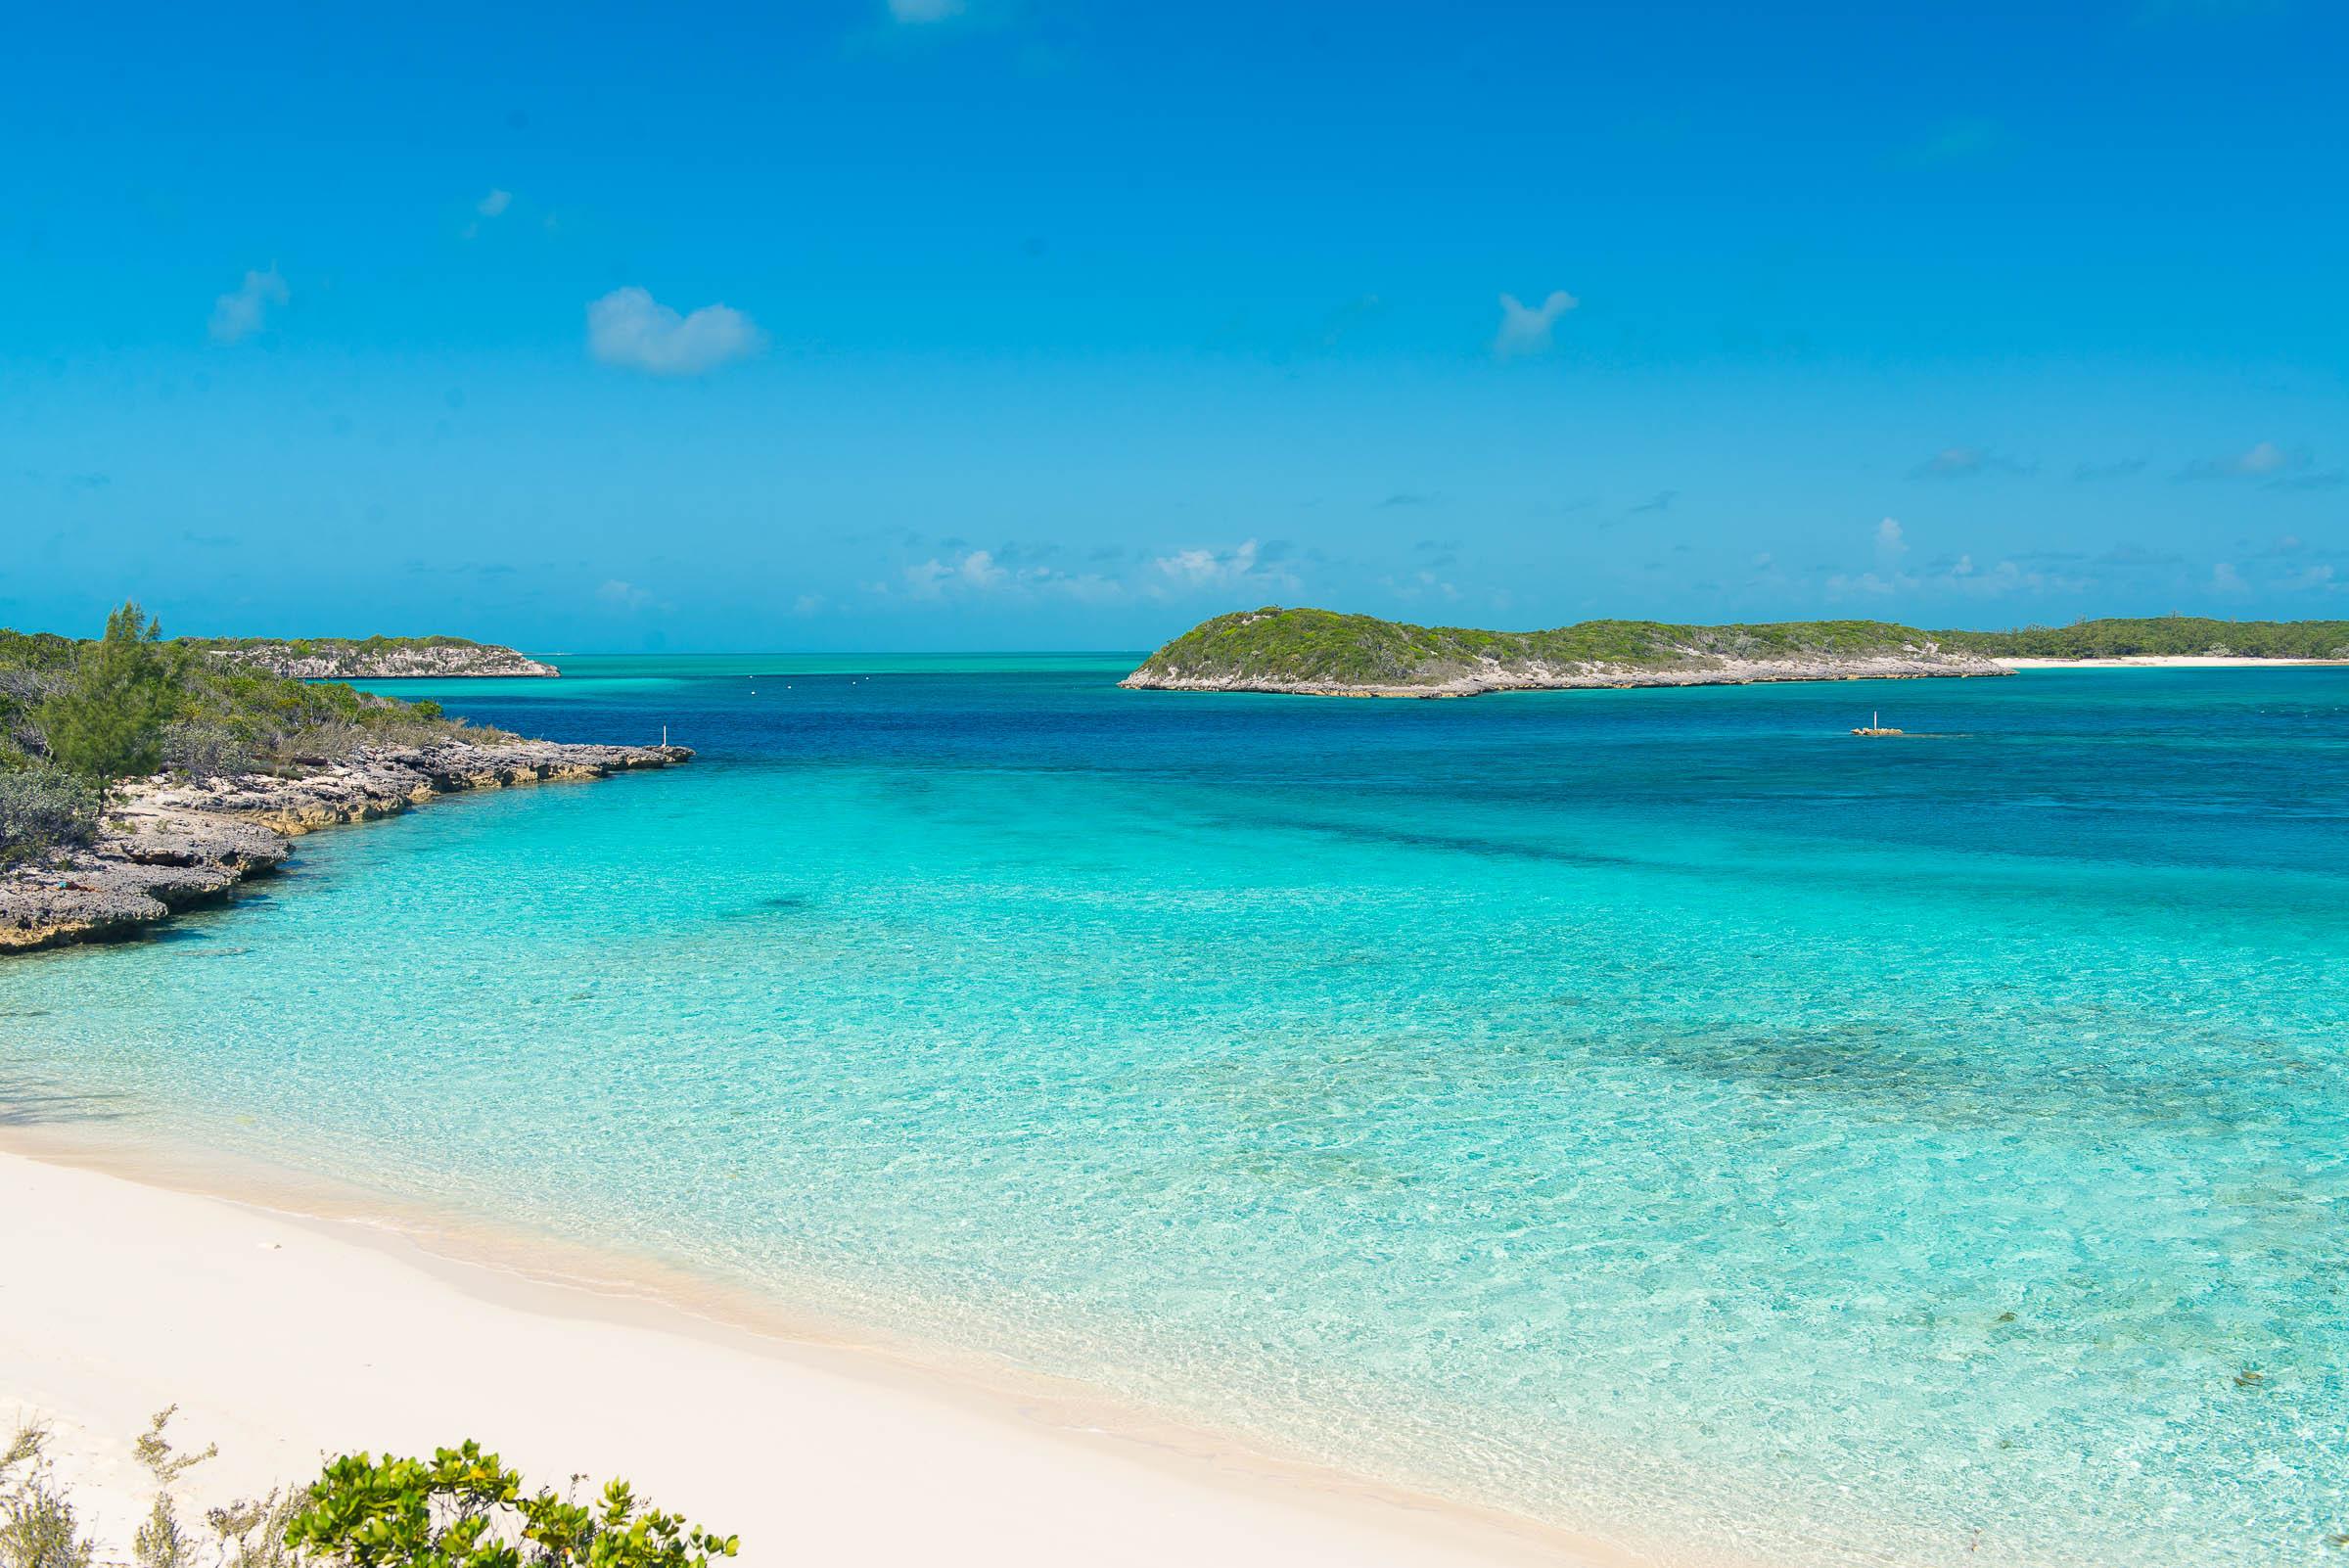 Noleggio Barche Staniel Cay - Navalia | Noleggia un Sogno